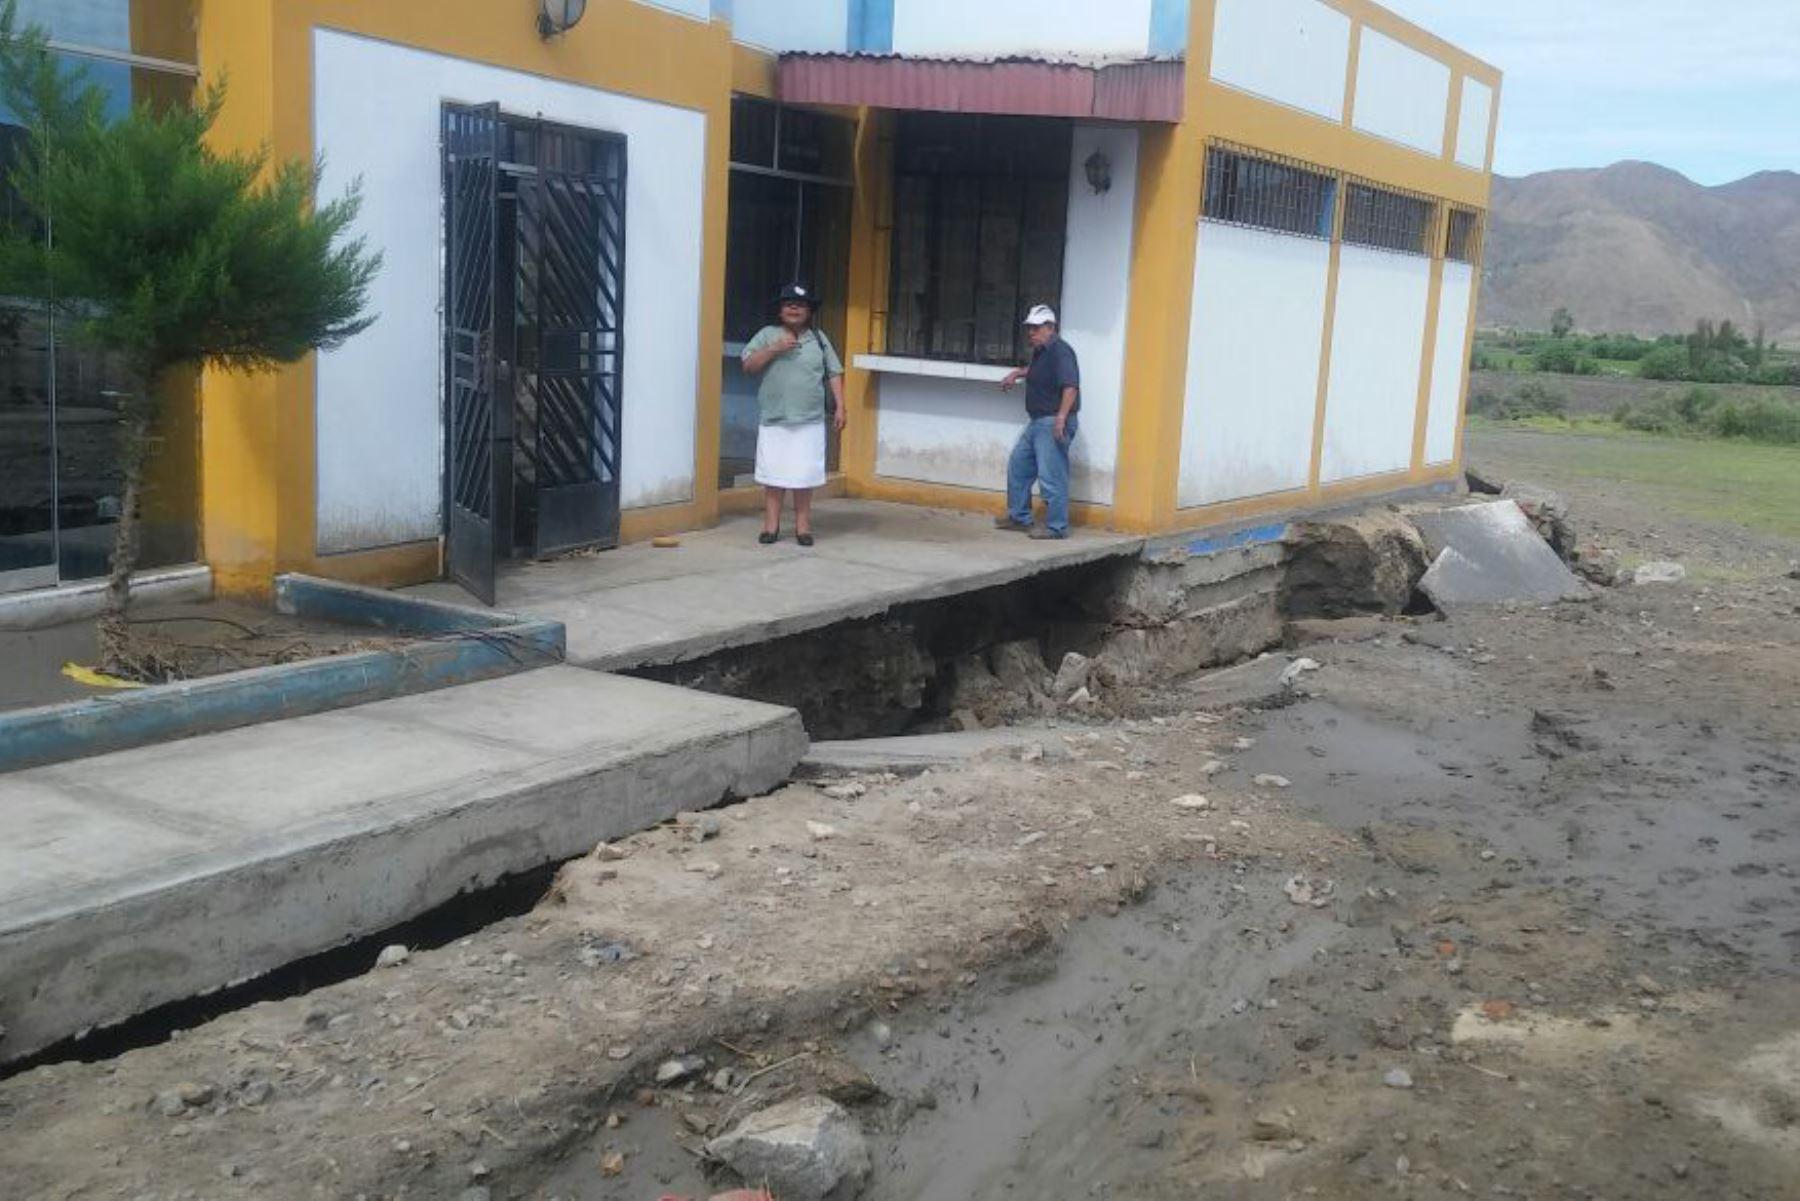 El puesto de salud del centro poblado de Tambra, en la sierra de la región Áncash, fue afectado por lluvias y vientos fuertes.